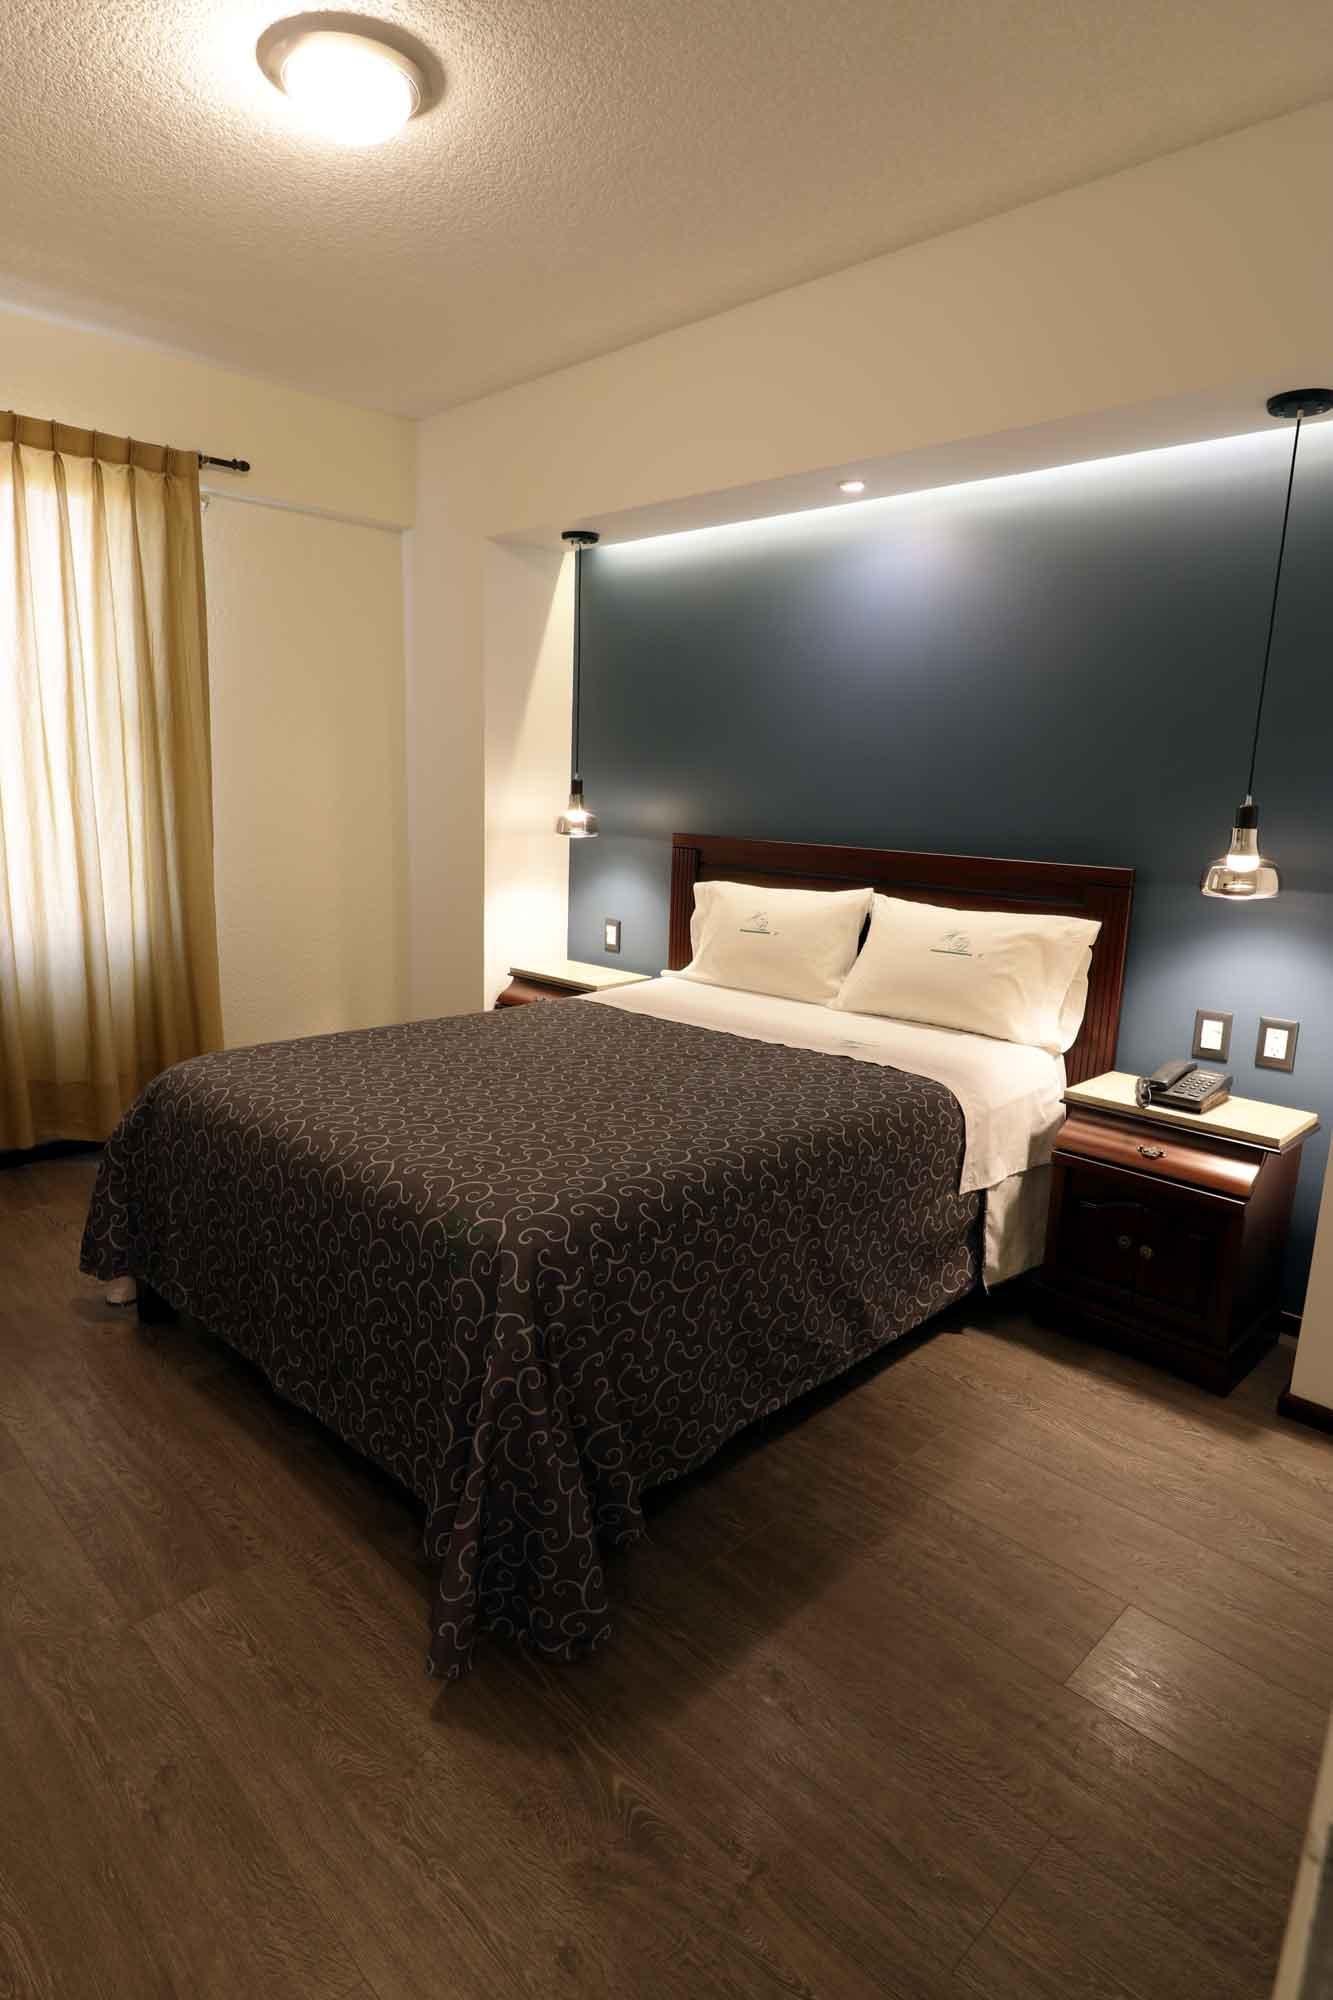 hoteles economicos en Toluca